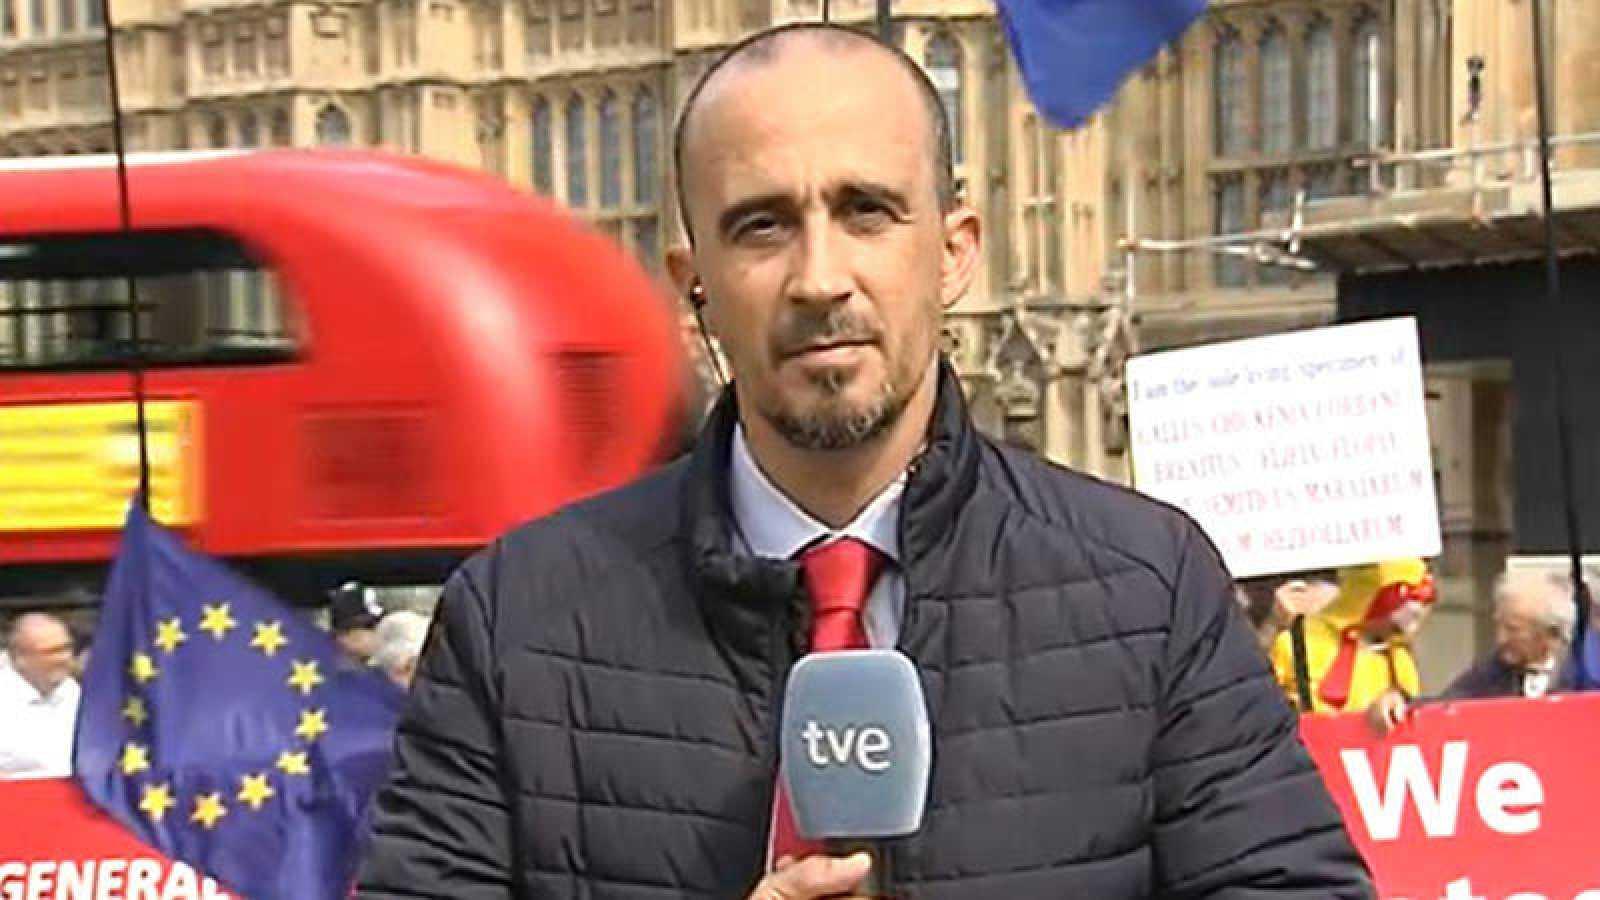 Diego Arizpeleta de la Calle, corresponsal de RNE en Londres